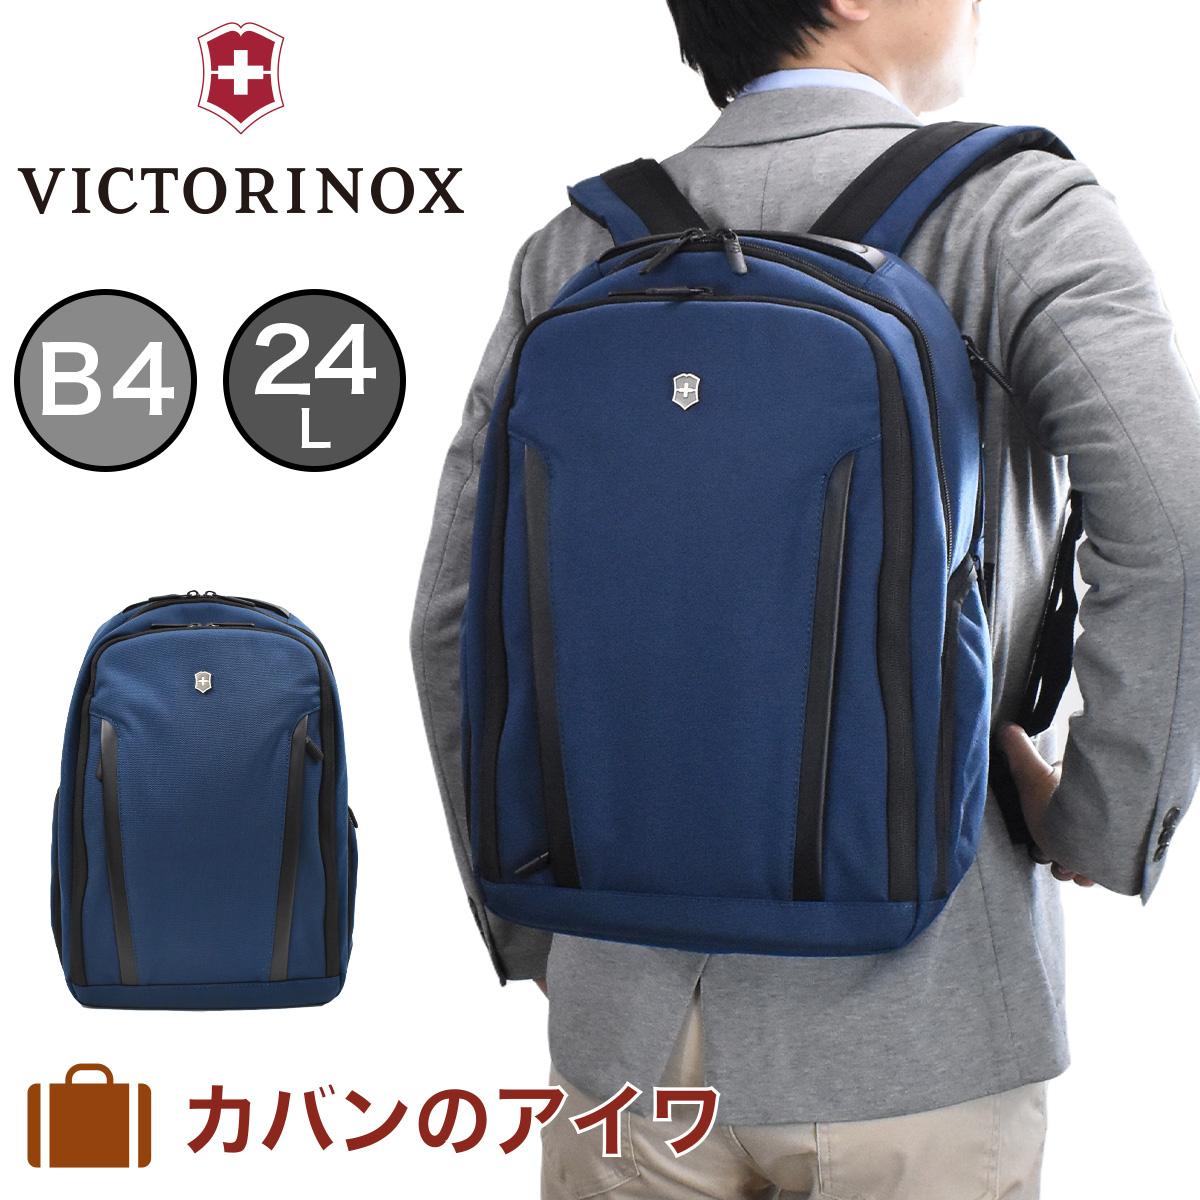 ビクトリノックス ビジネスバッグ リュック VICTORINOX ビジネスリュック 606384 B4 24L アルトモント エッセンシャル ラップトップ メンズ レディース リュックサック バックパック ビジネスバック バッグ 人気 通勤 コーデュラ 防水